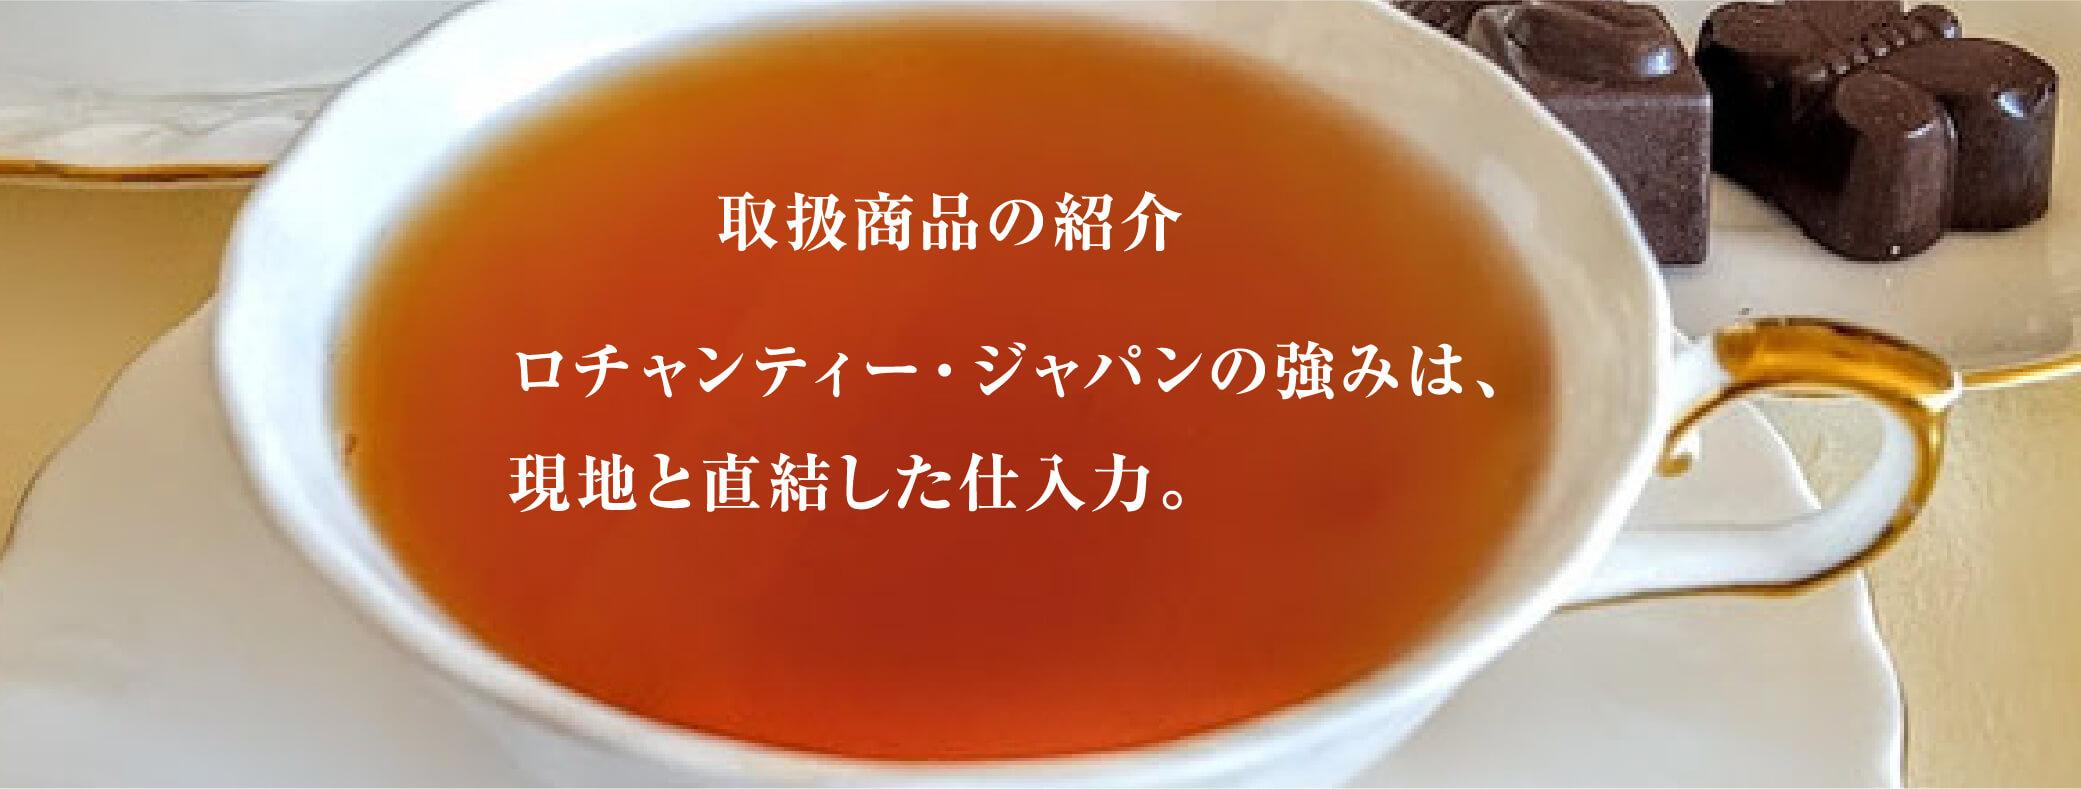 取扱商品の紹介 ロチャンティー・ジャパンの強みは、 現地と直結した仕入力。紅茶とチョコレートの写真